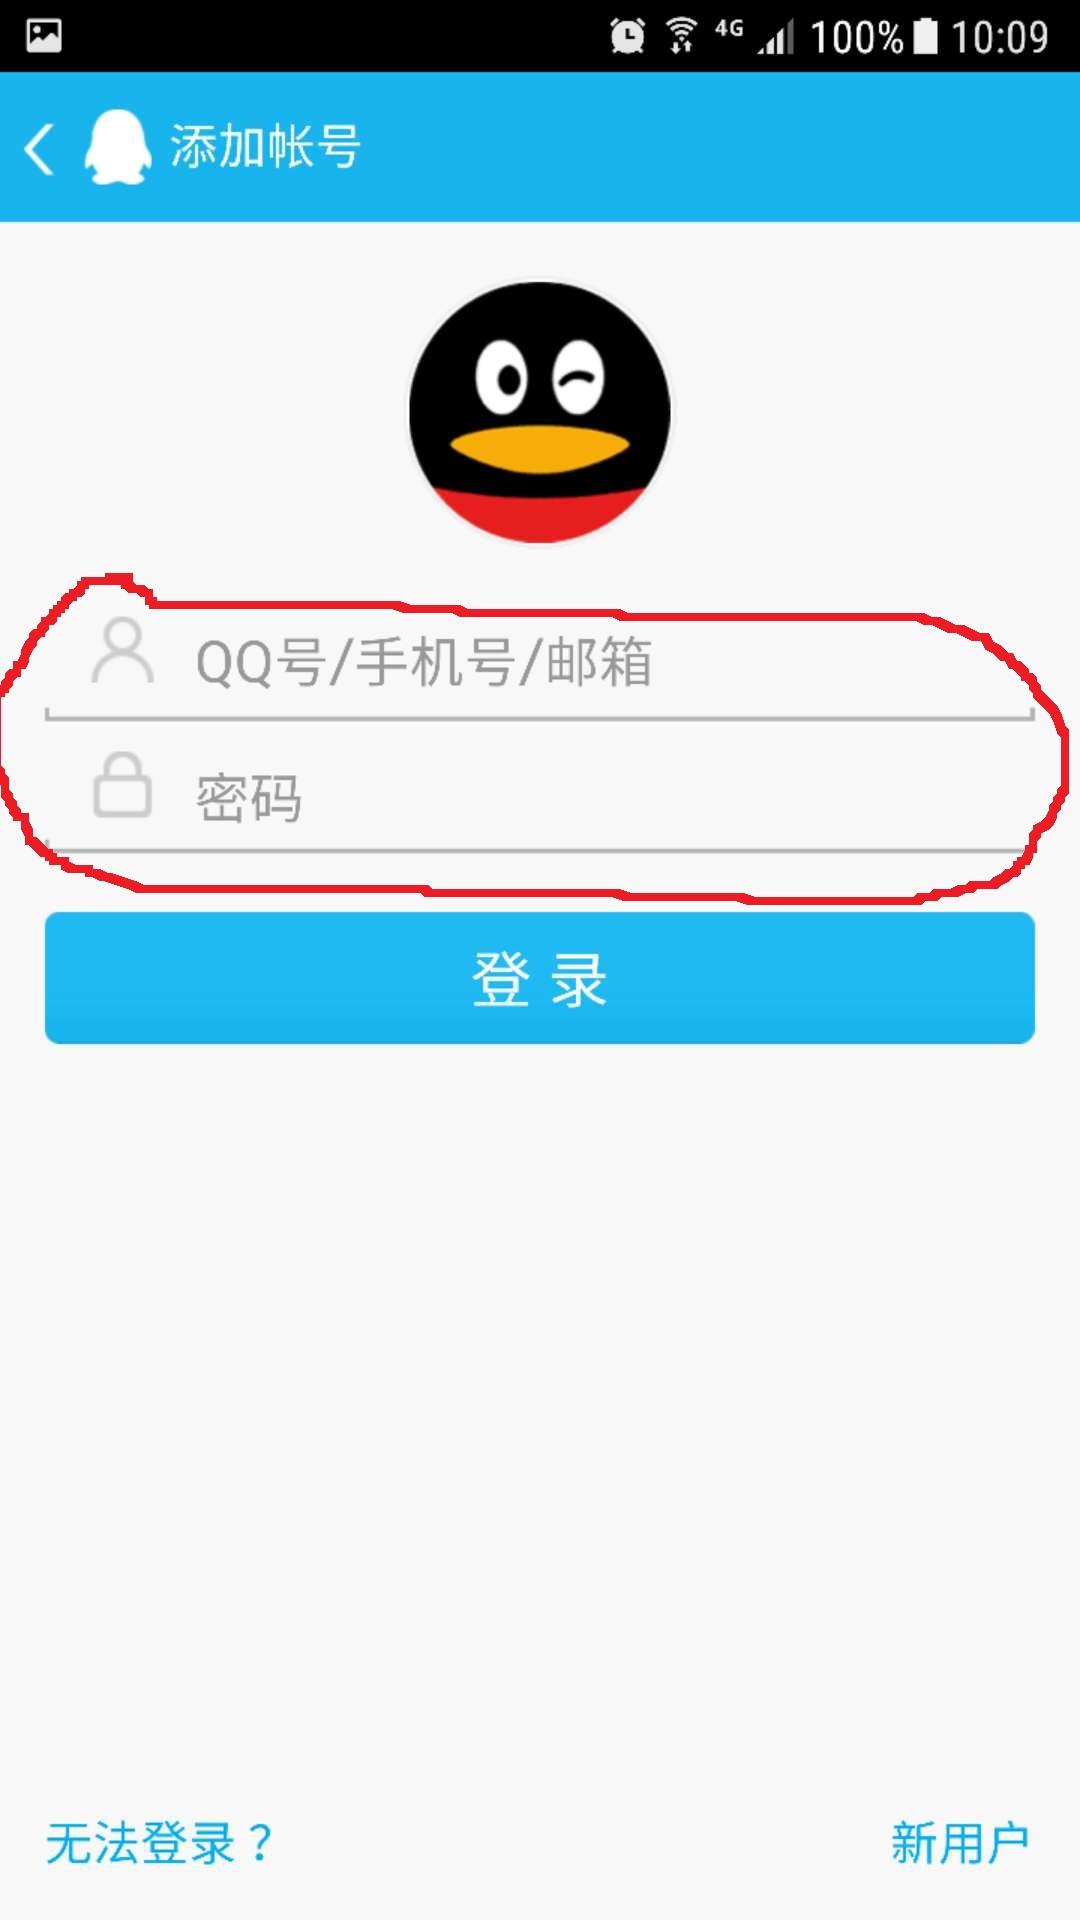 qq号码后面有个靓_QQ轻聊版怎么关联另一个QQ号_百度知道